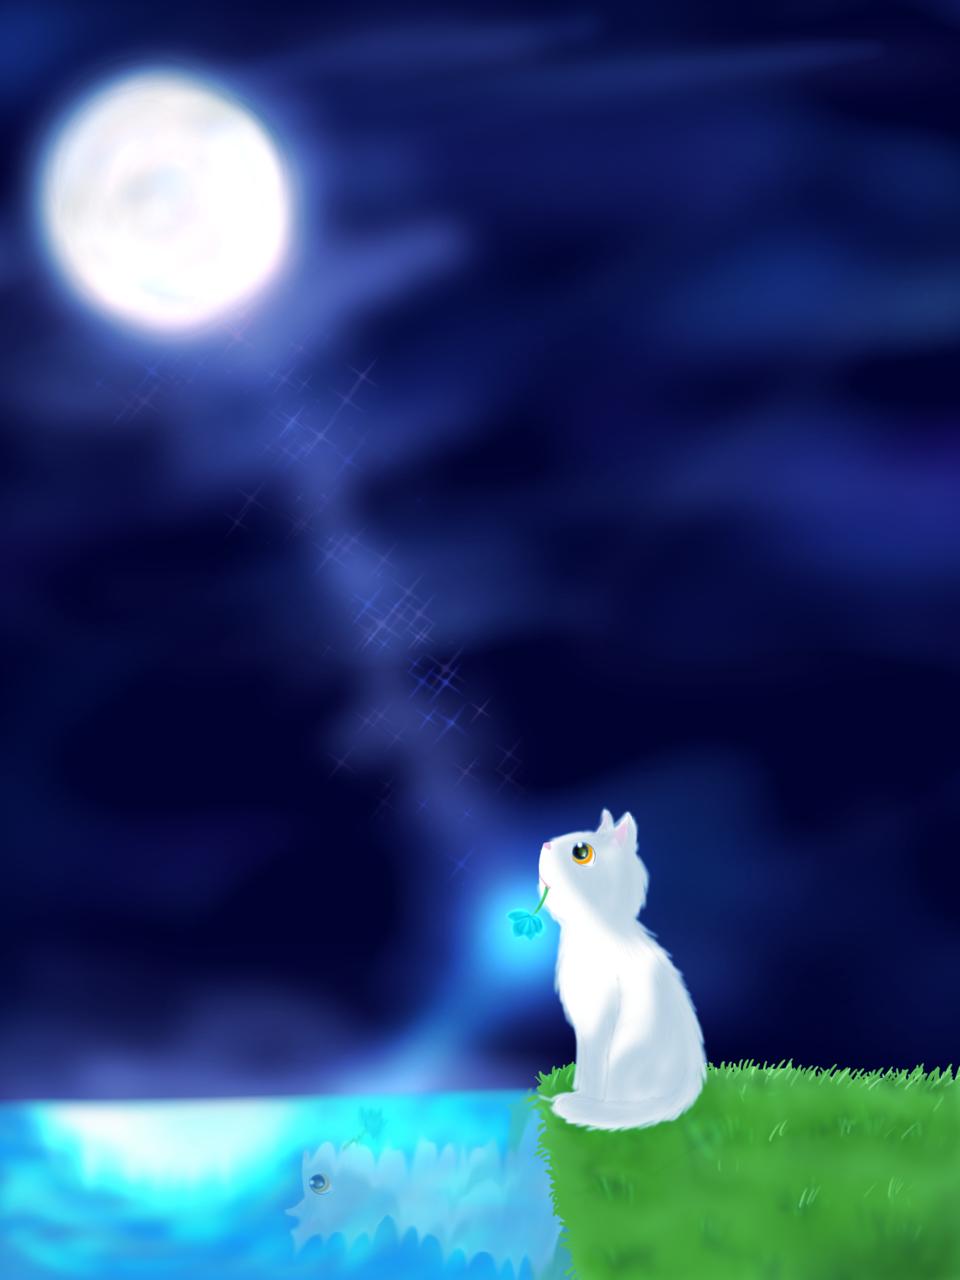 月下に輝く碧花の奇跡 Illust of ちを Post_Multiple_Images_Contest moon 青い花 cat 銀髪 boy 夜空 girl 奇跡 oc 恋